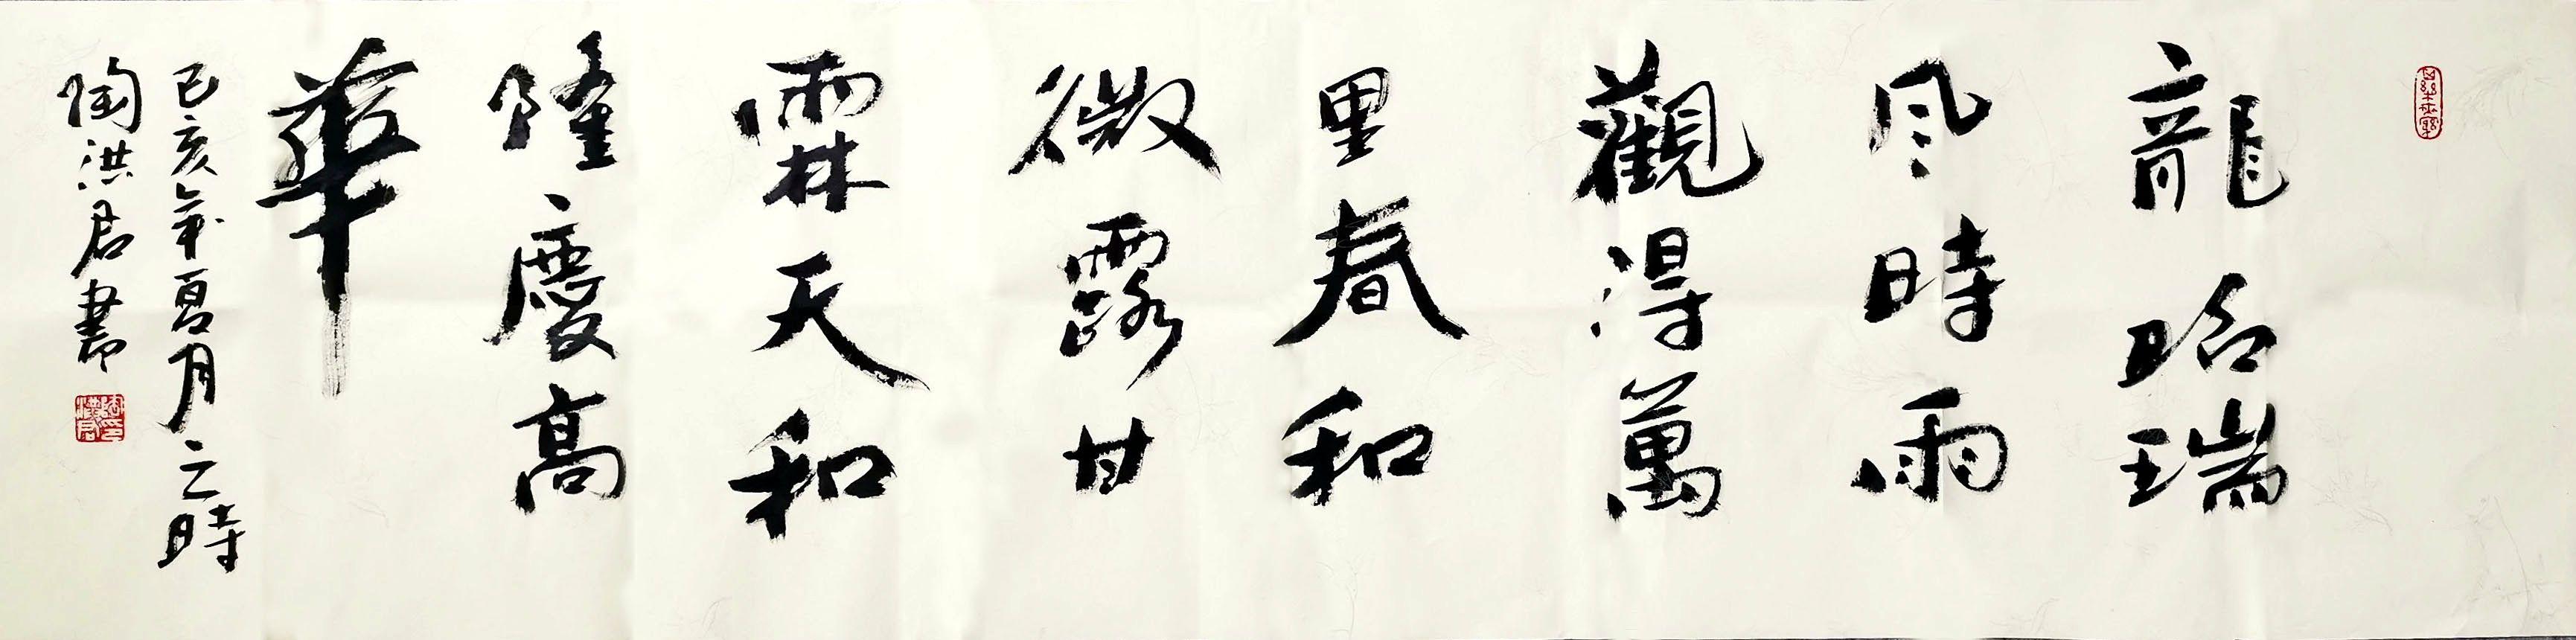 陶洪君书画艺术源于情感诉说